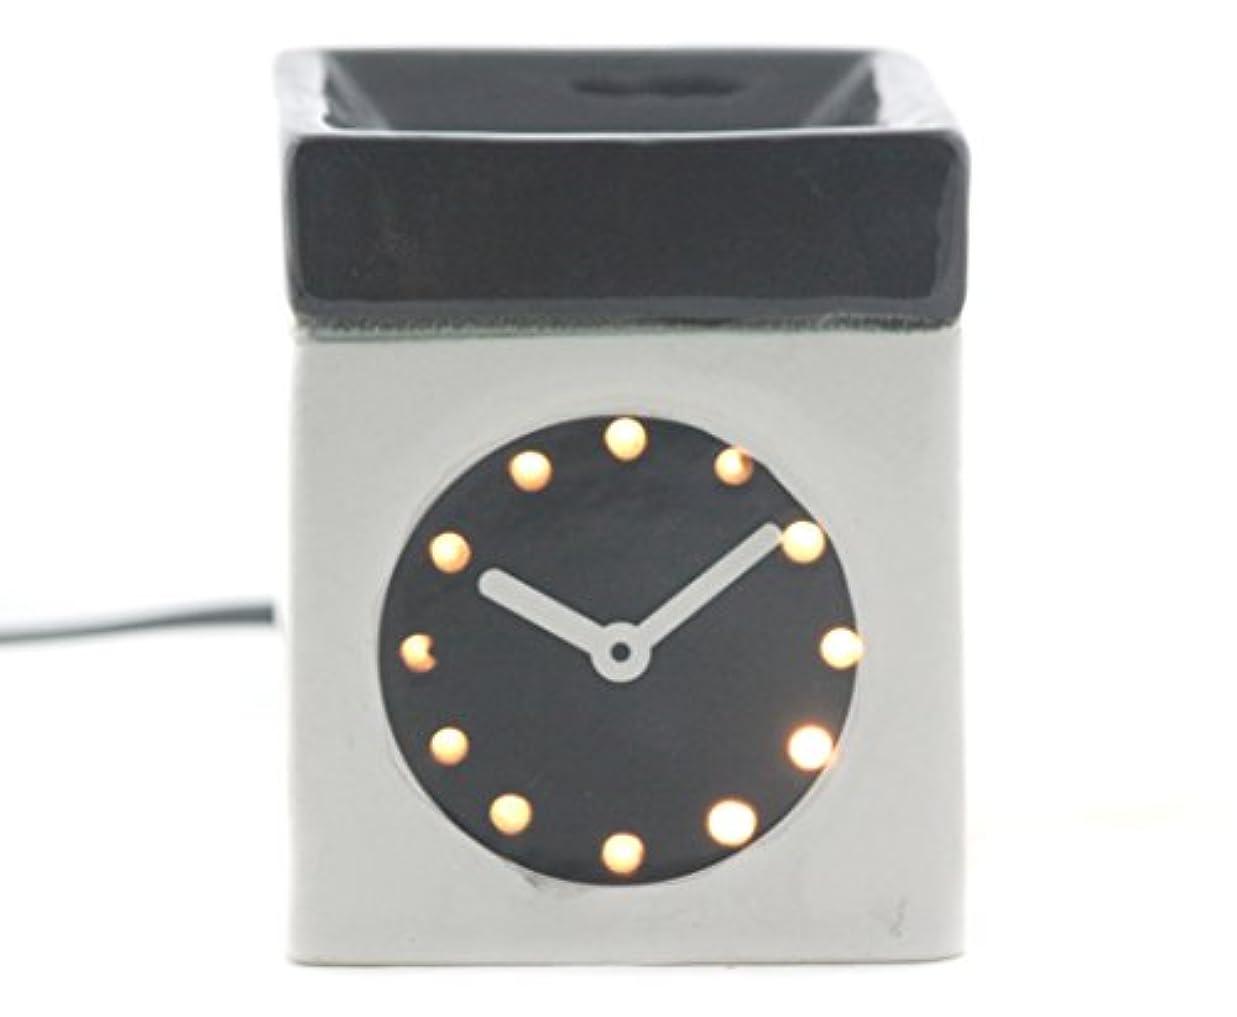 絵ステーキ嘆くKarguzzari セラミック 電気 アロマディフューザー ワイヤー オイルウォーマー ディスペンサー コード付き アロマ オイルバーナー エッセンシャルオイル ディフューザー アロマセラピー ランプ 腕時計 OCER...